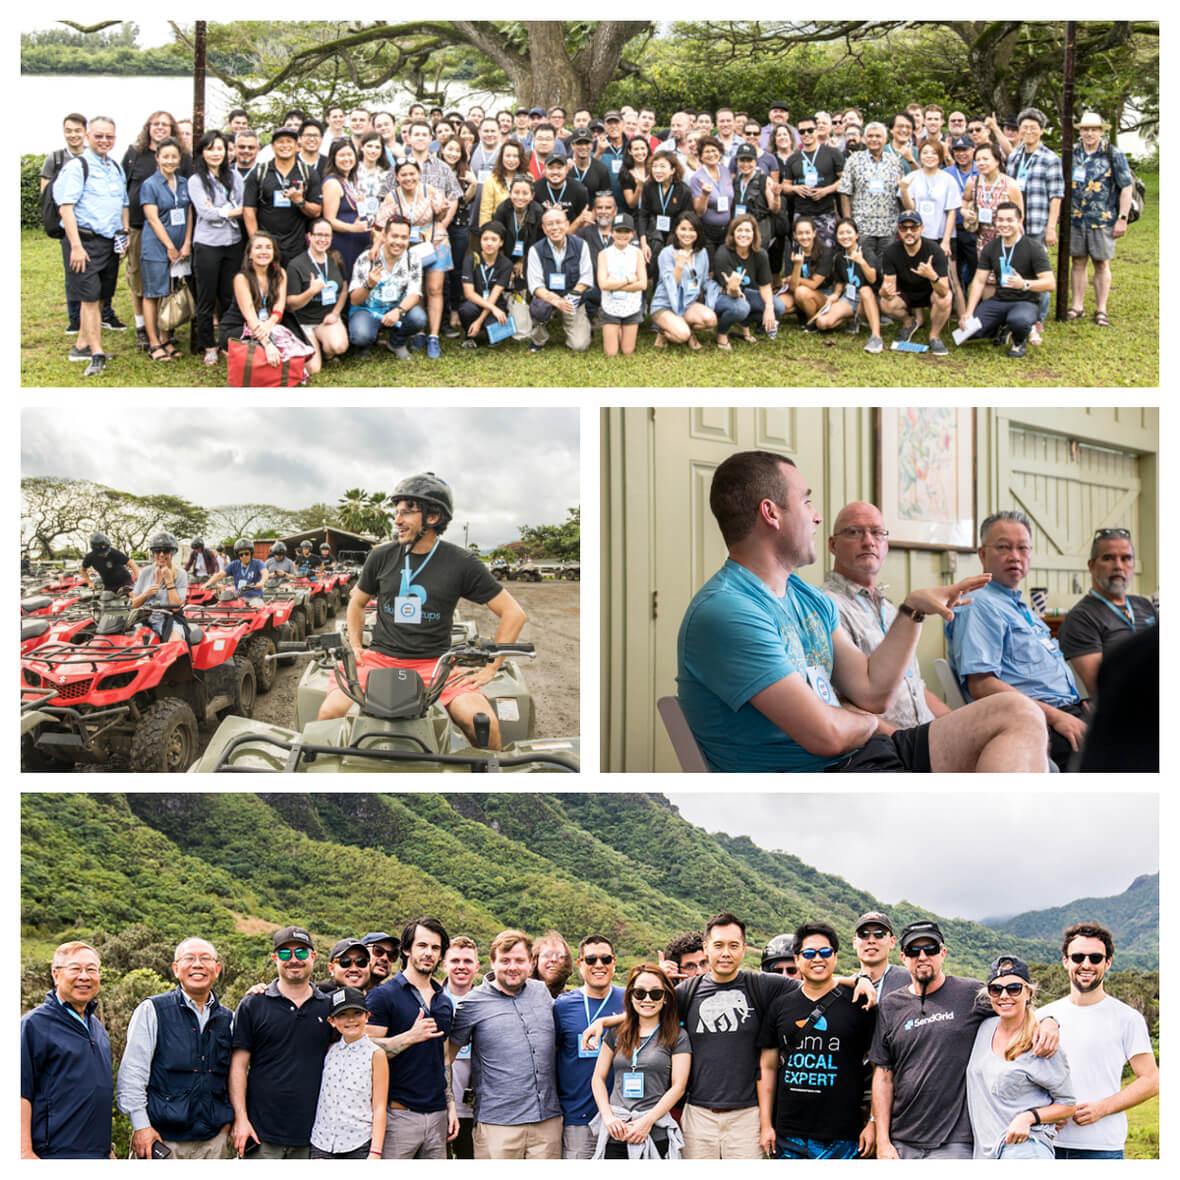 EMW'18 Summit Thank You!